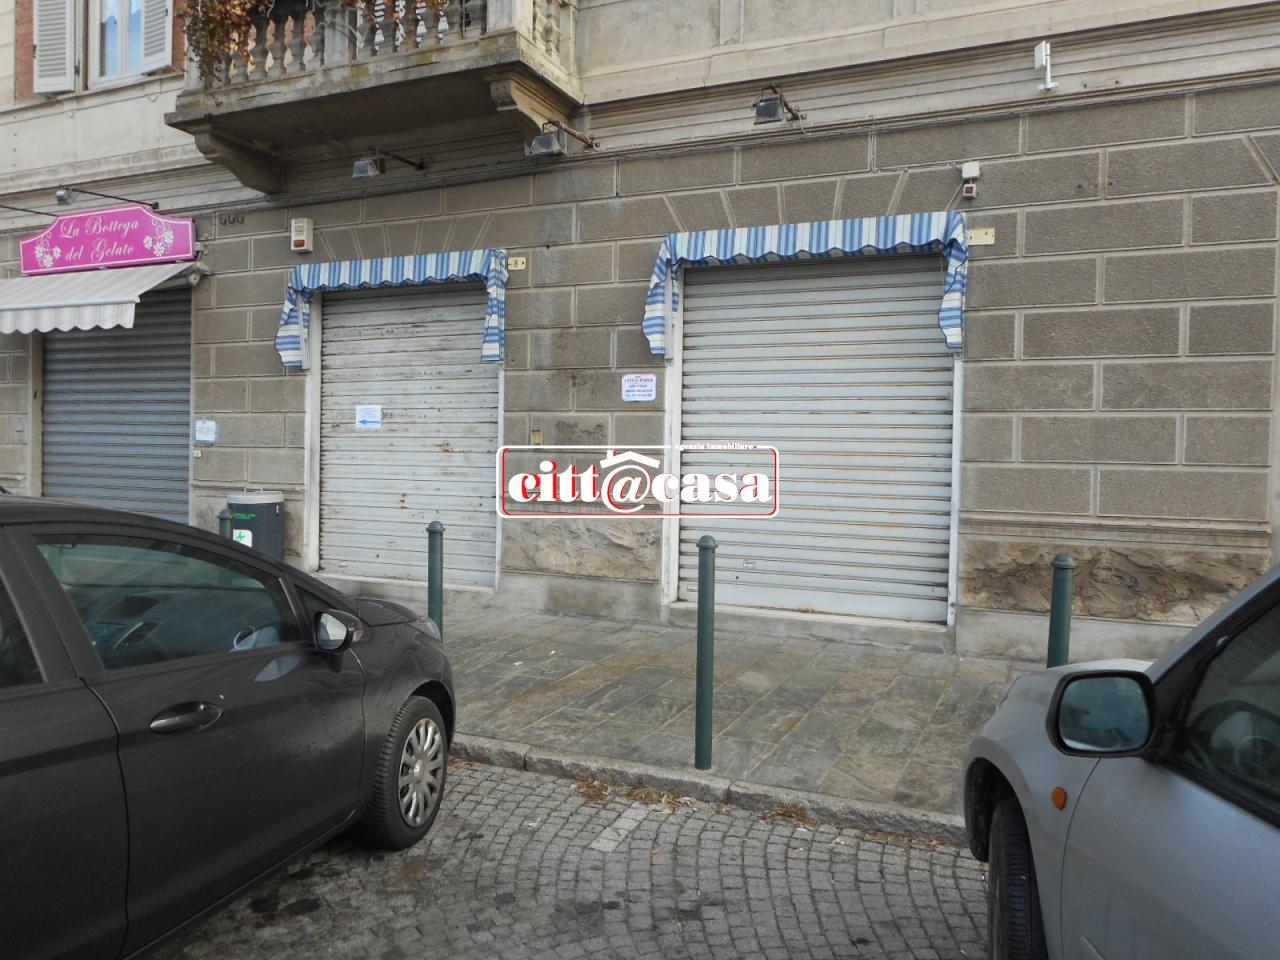 Immobile Commerciale in affitto a Casalborgone, 2 locali, prezzo € 550 | CambioCasa.it